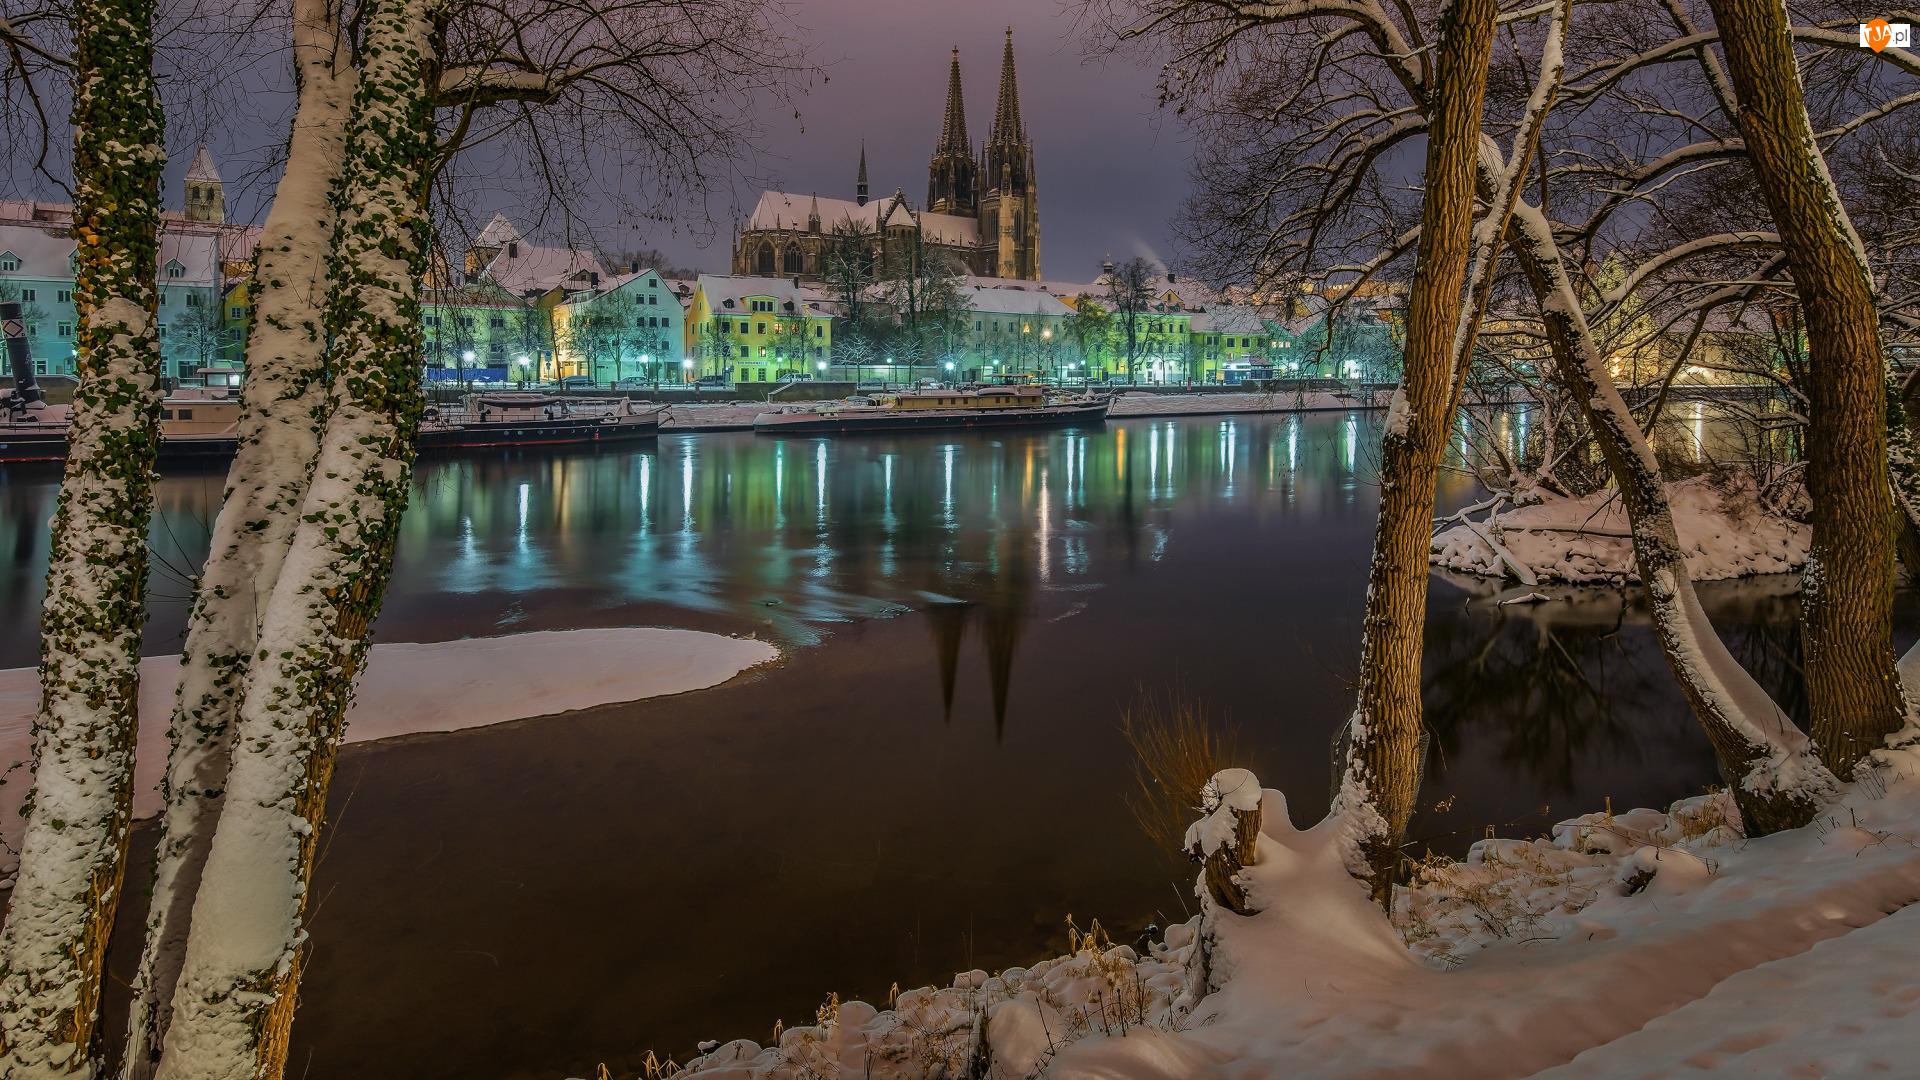 Niemcy, Drzewa, Zima, Kościół, Miasto Ratyzbona, Regensburg, Domy, Rzeka Dunaj, Katedra Św. Piotra, Bawaria